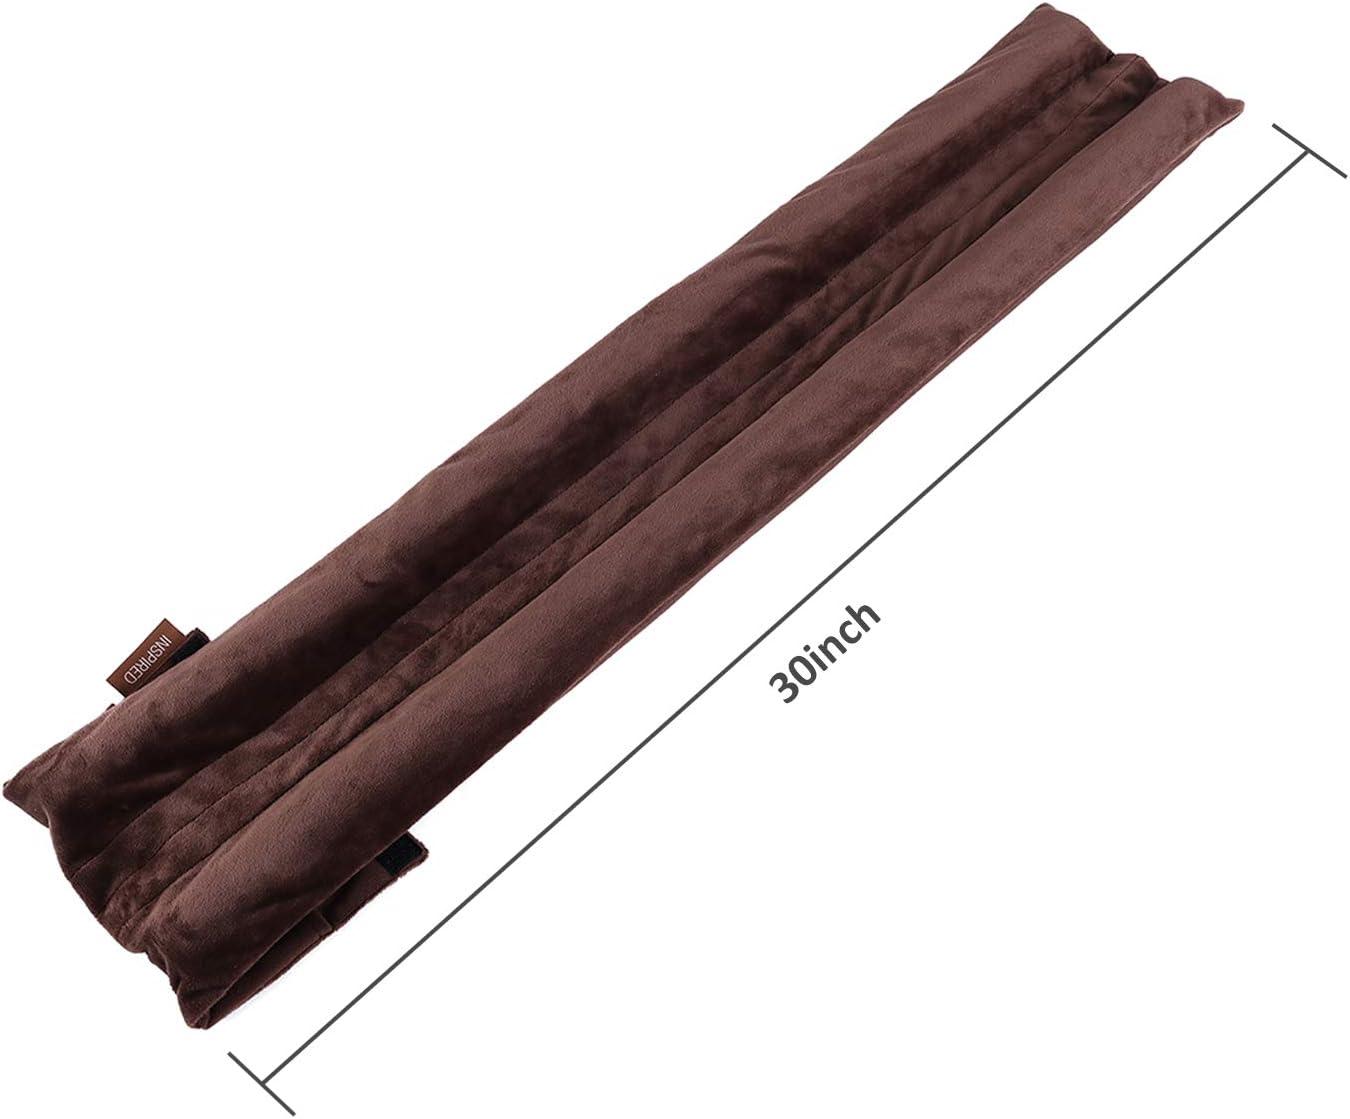 VISEMAN Zugluftstopper f/ür T/ür bis 76,2 cm Coffee verstellbar